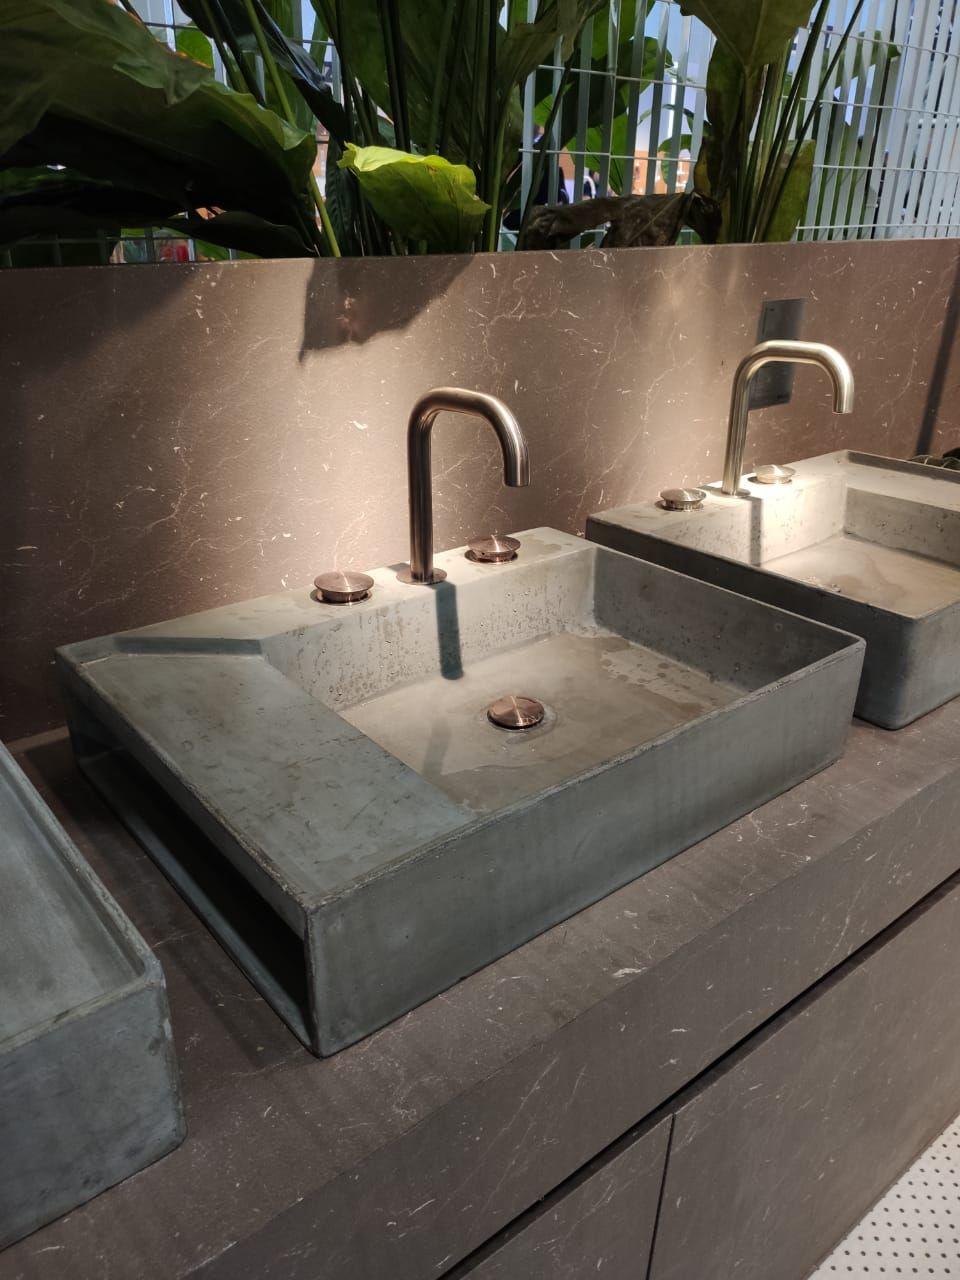 Destaque na primeira linha de louças da Docol. Em especial na assinada por Angelo Bucci, do SPBR Arquitetos, que este ano ganhou o cobiçado prêmio alemão iF Award Gold com peças para a Docol.